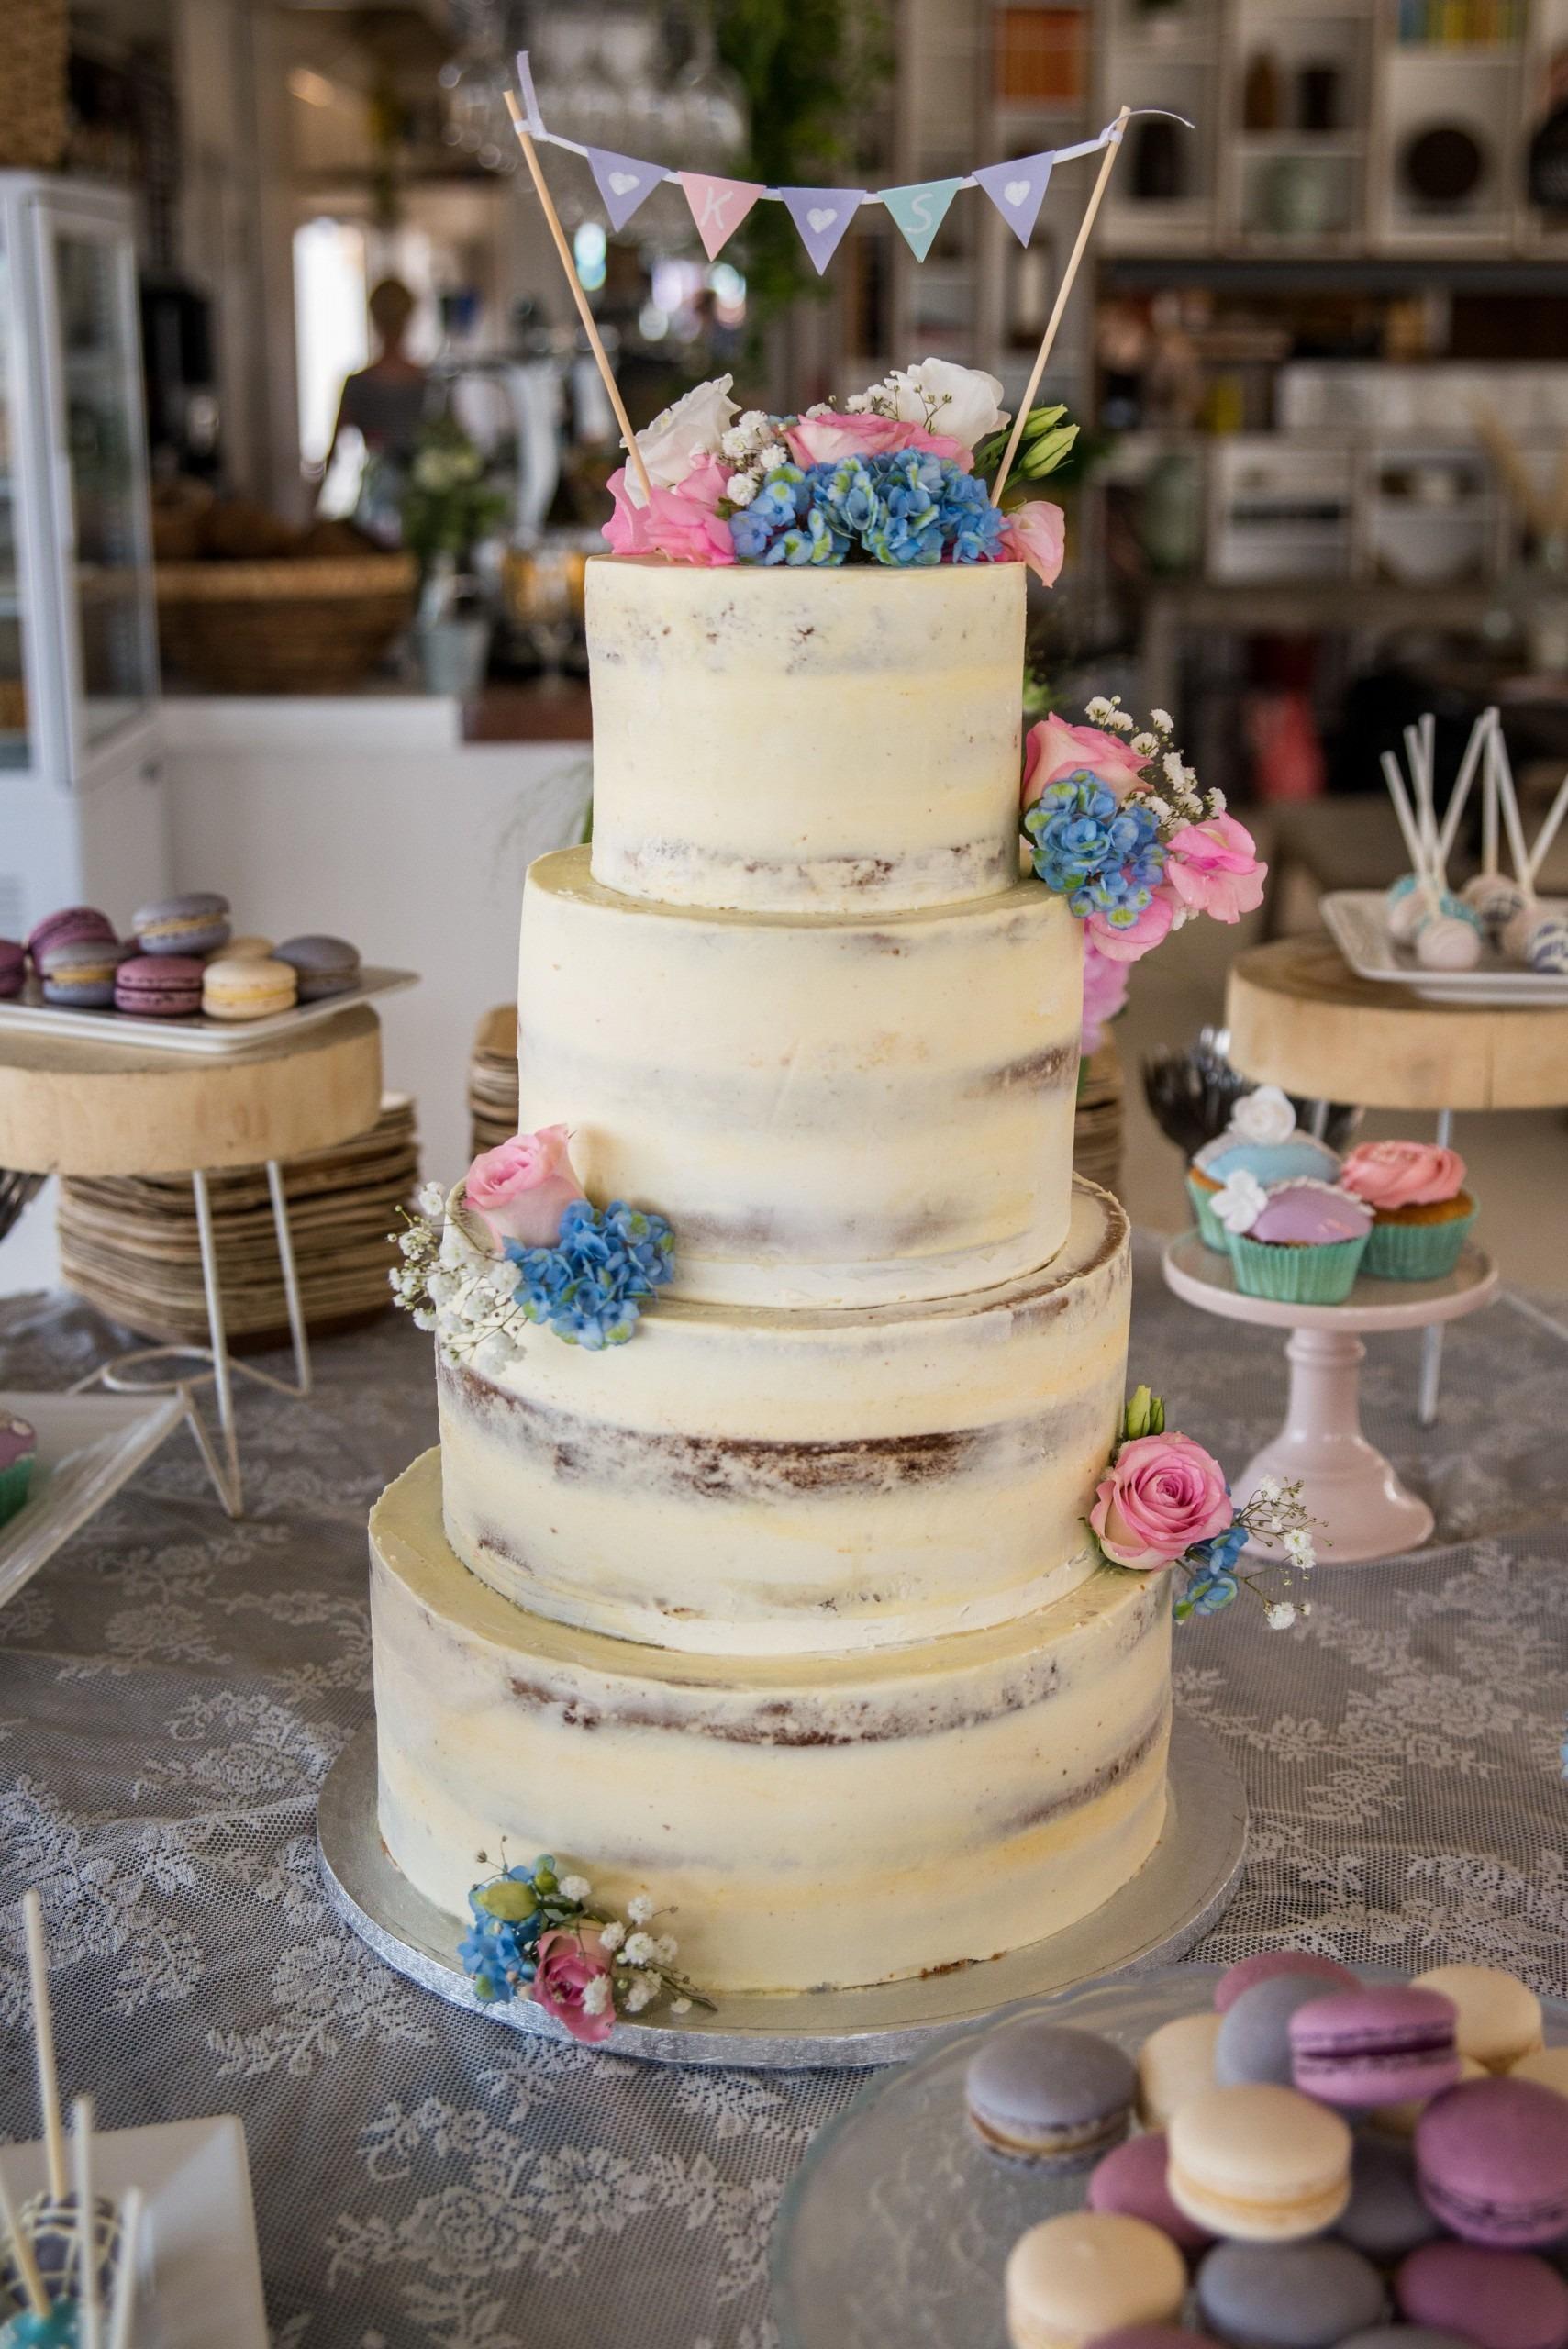 seminaked-bruidstaart-4-laag-blauw-en-roze-bloemen